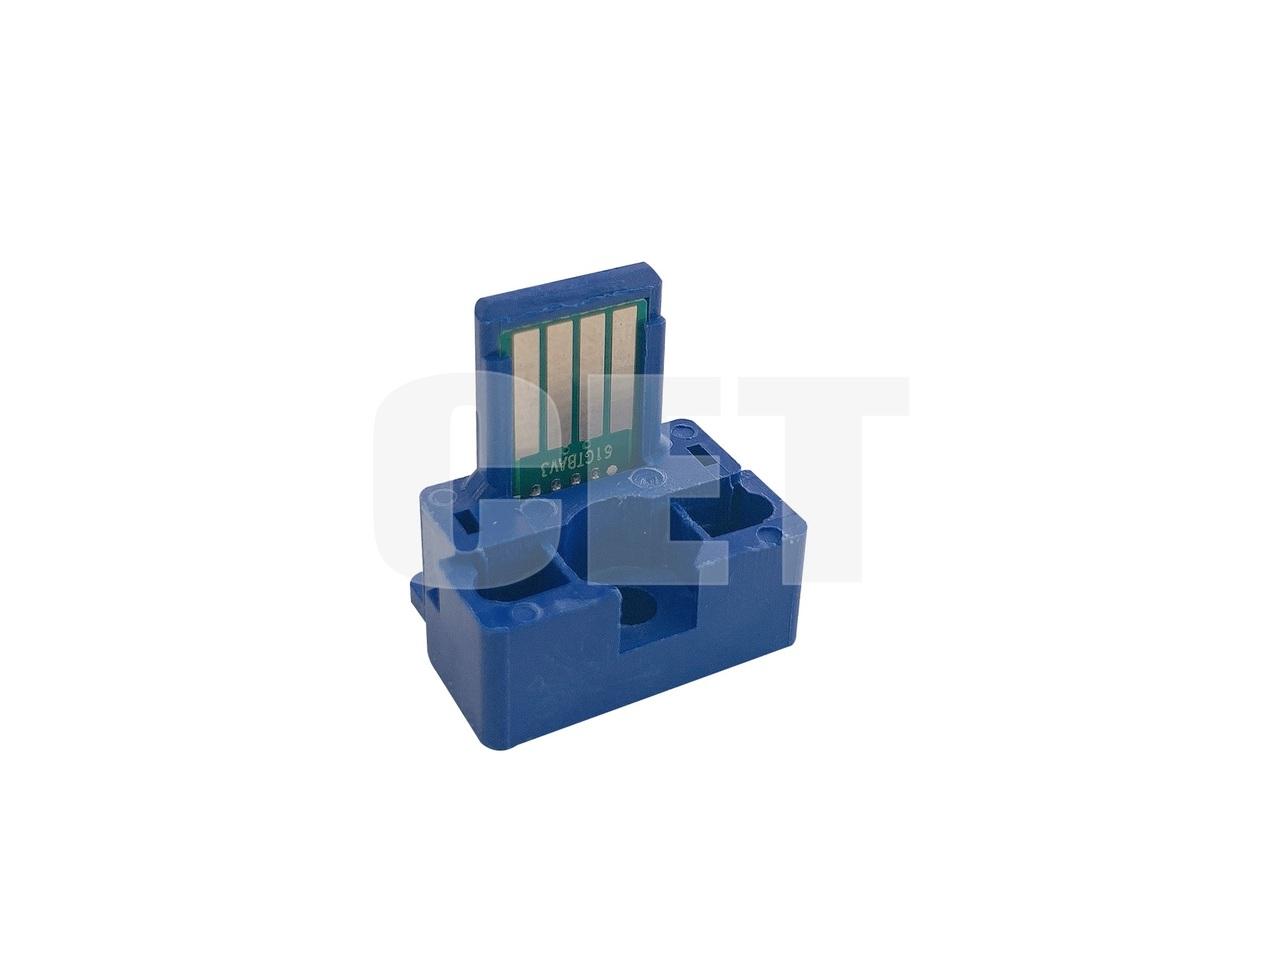 Чип картриджа MX-60GTBA, MX-61GTBA для SHARPMX-2630N (CET) Black, 40000 стр., CET381067